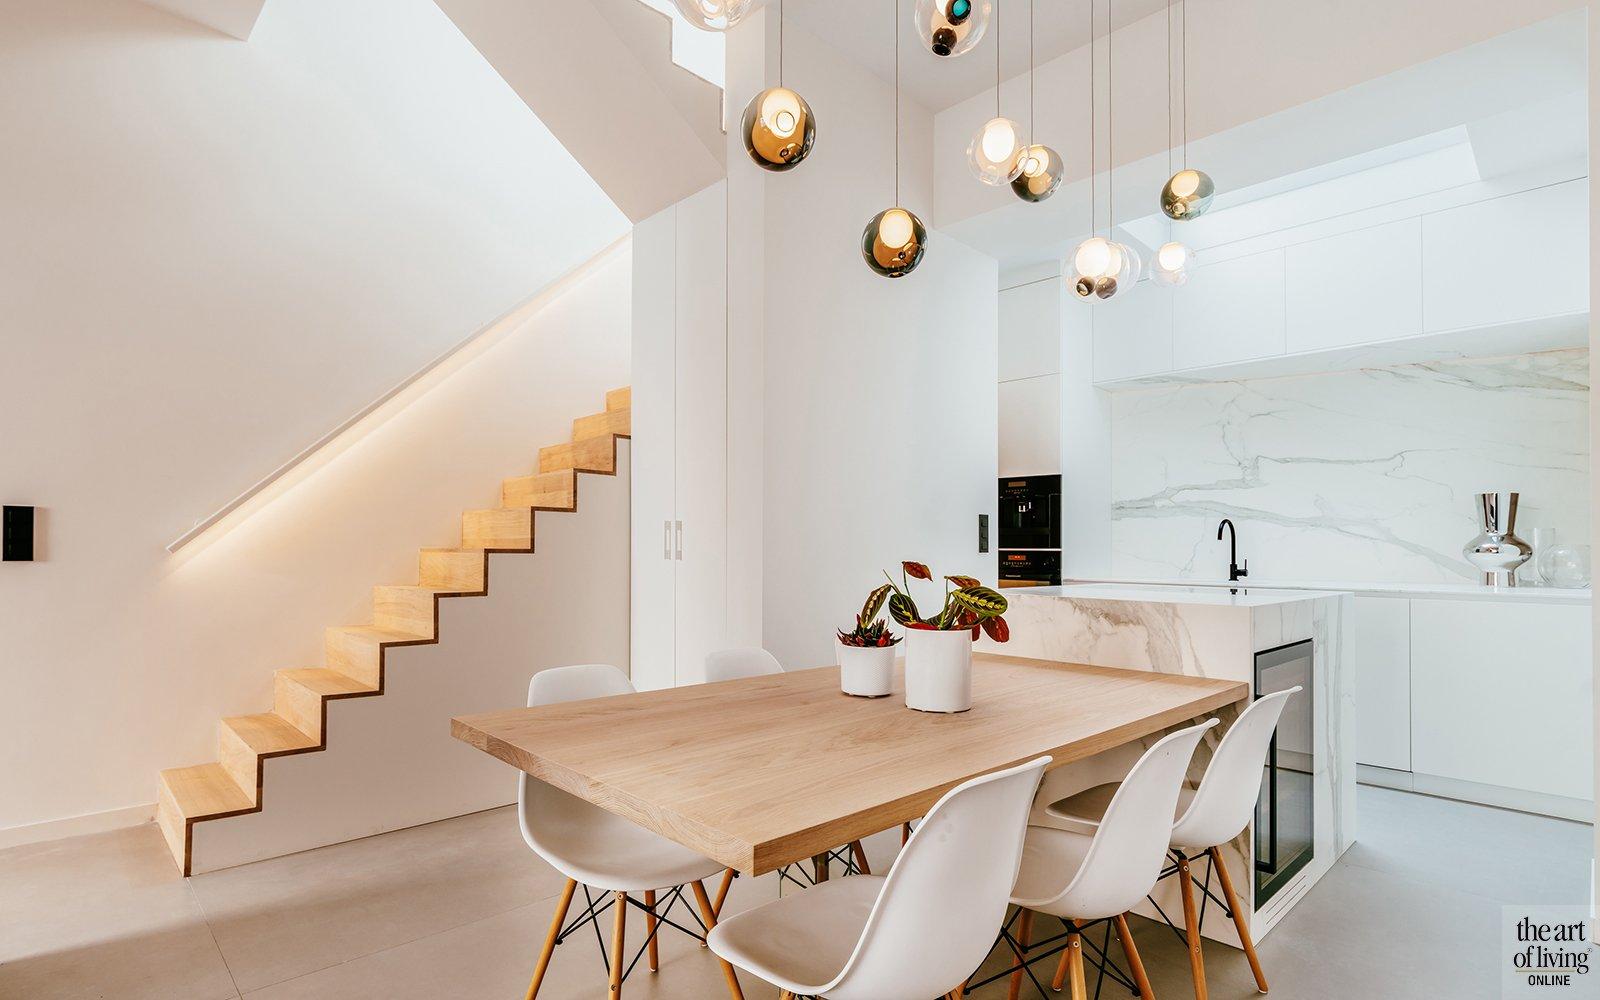 Design verlichting, Verlichting, Lampen, Design